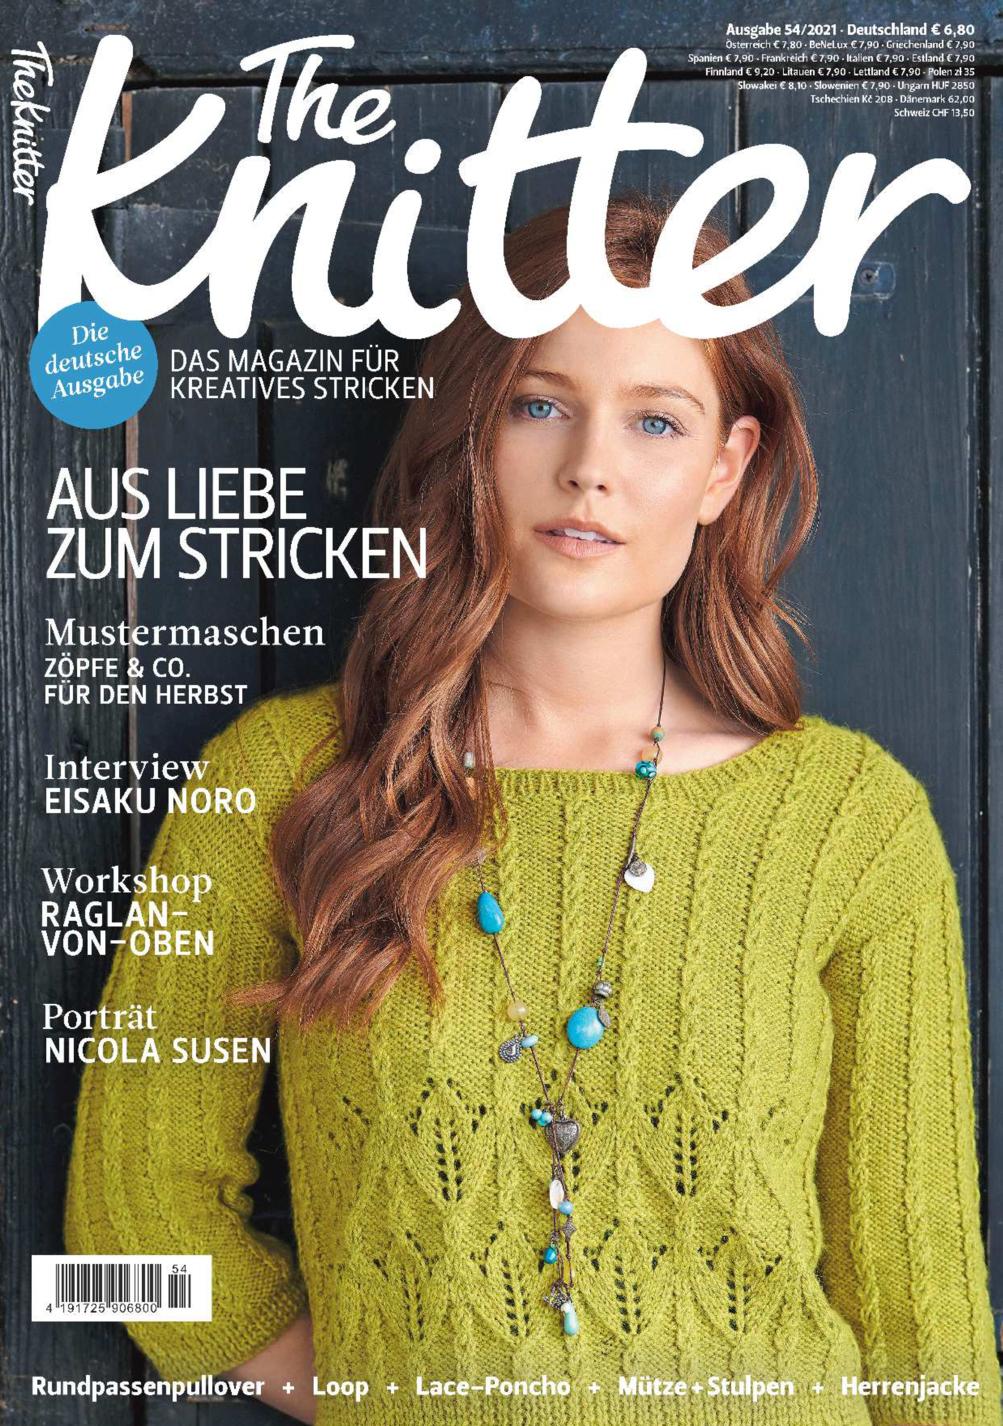 The Knitter Nr. 54/2021 - Aus Liebe zum Stricken